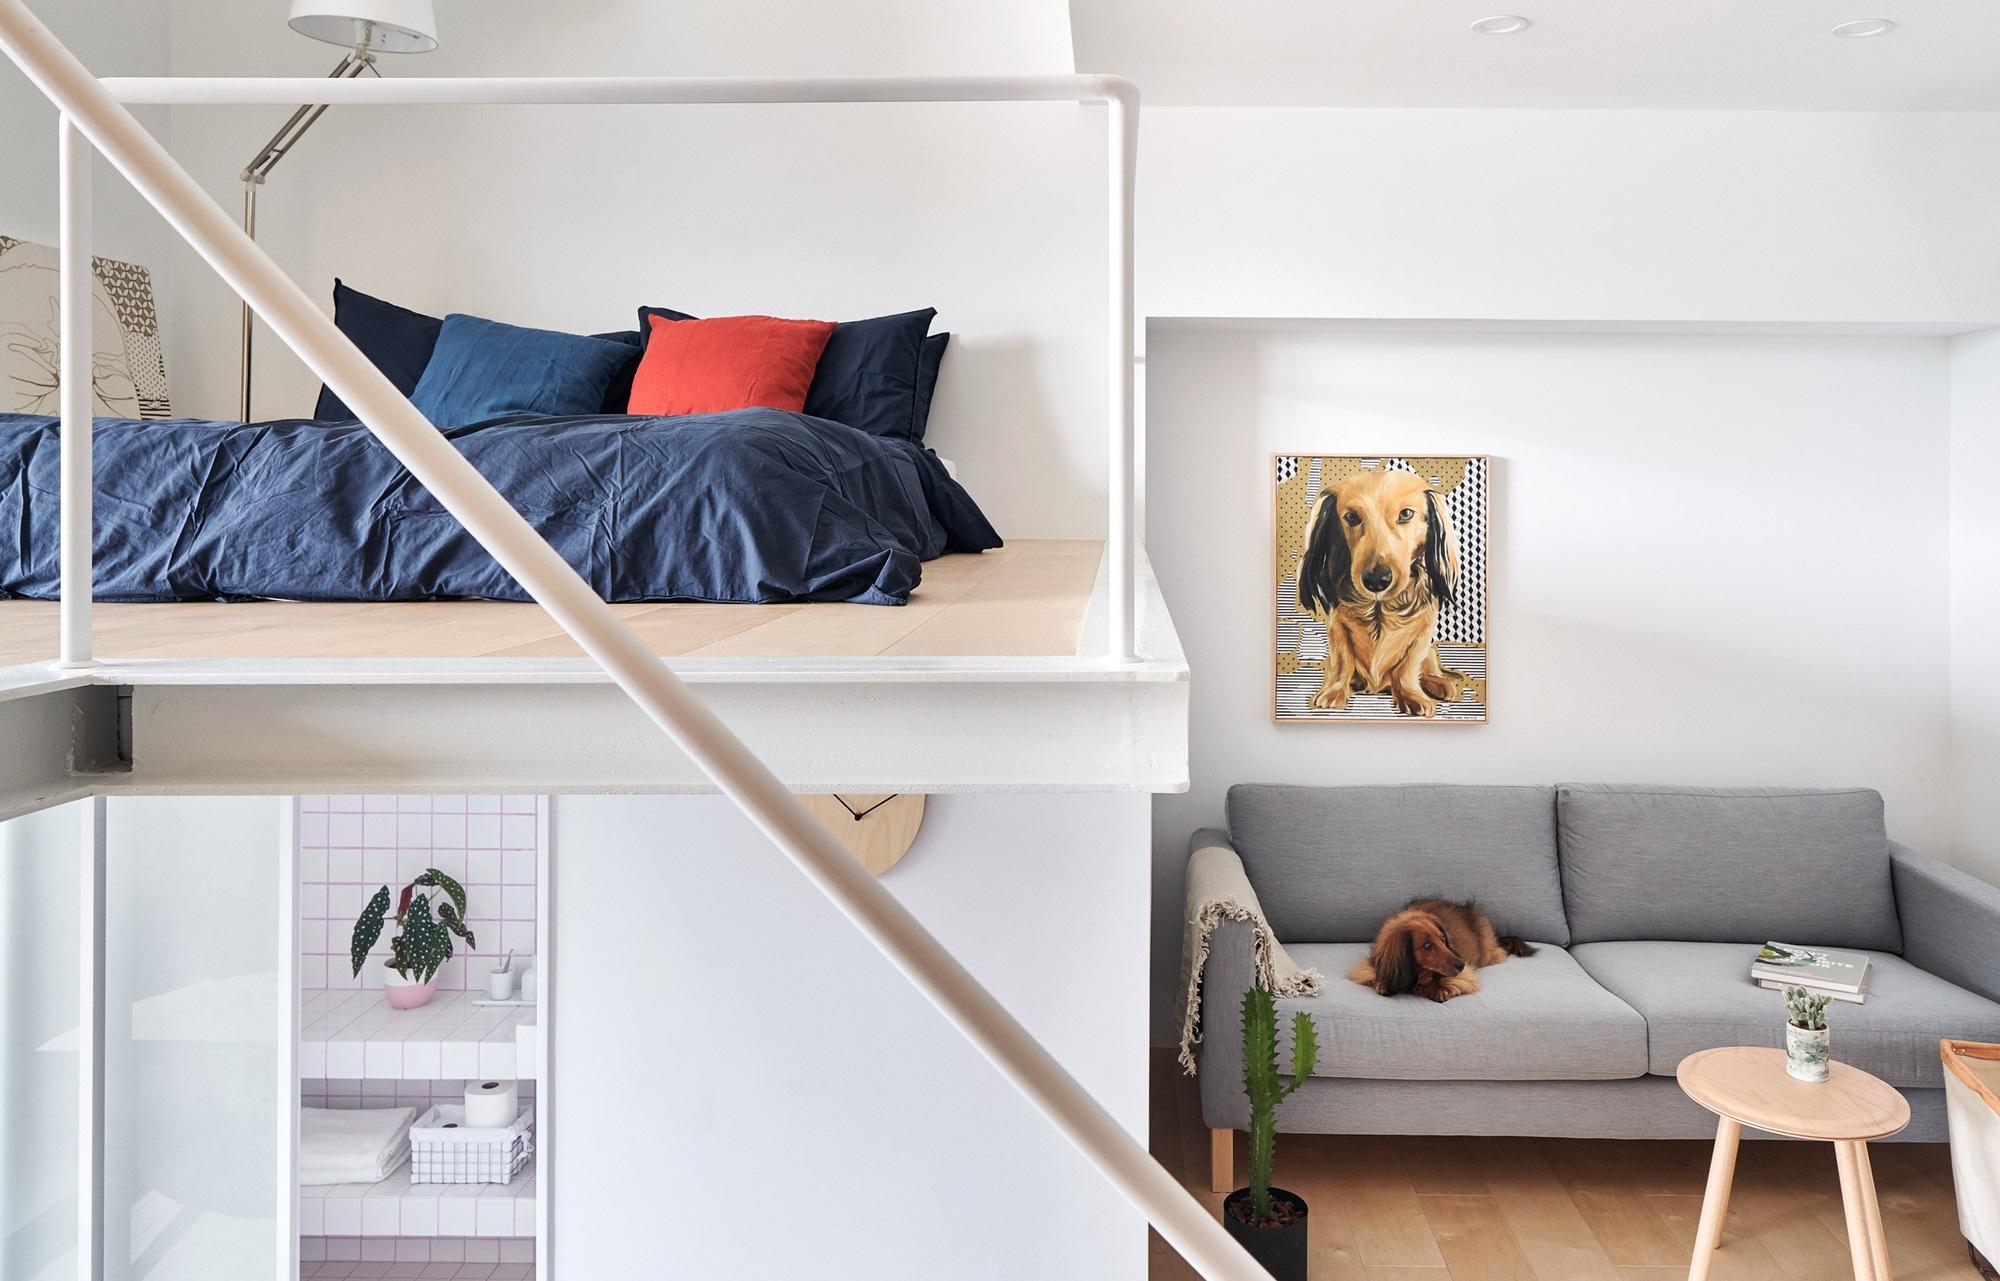 Căn hộ rộng 33m² siêu ấn tượng từ cách thiết kế đến bài trí nội thất - Ảnh 8